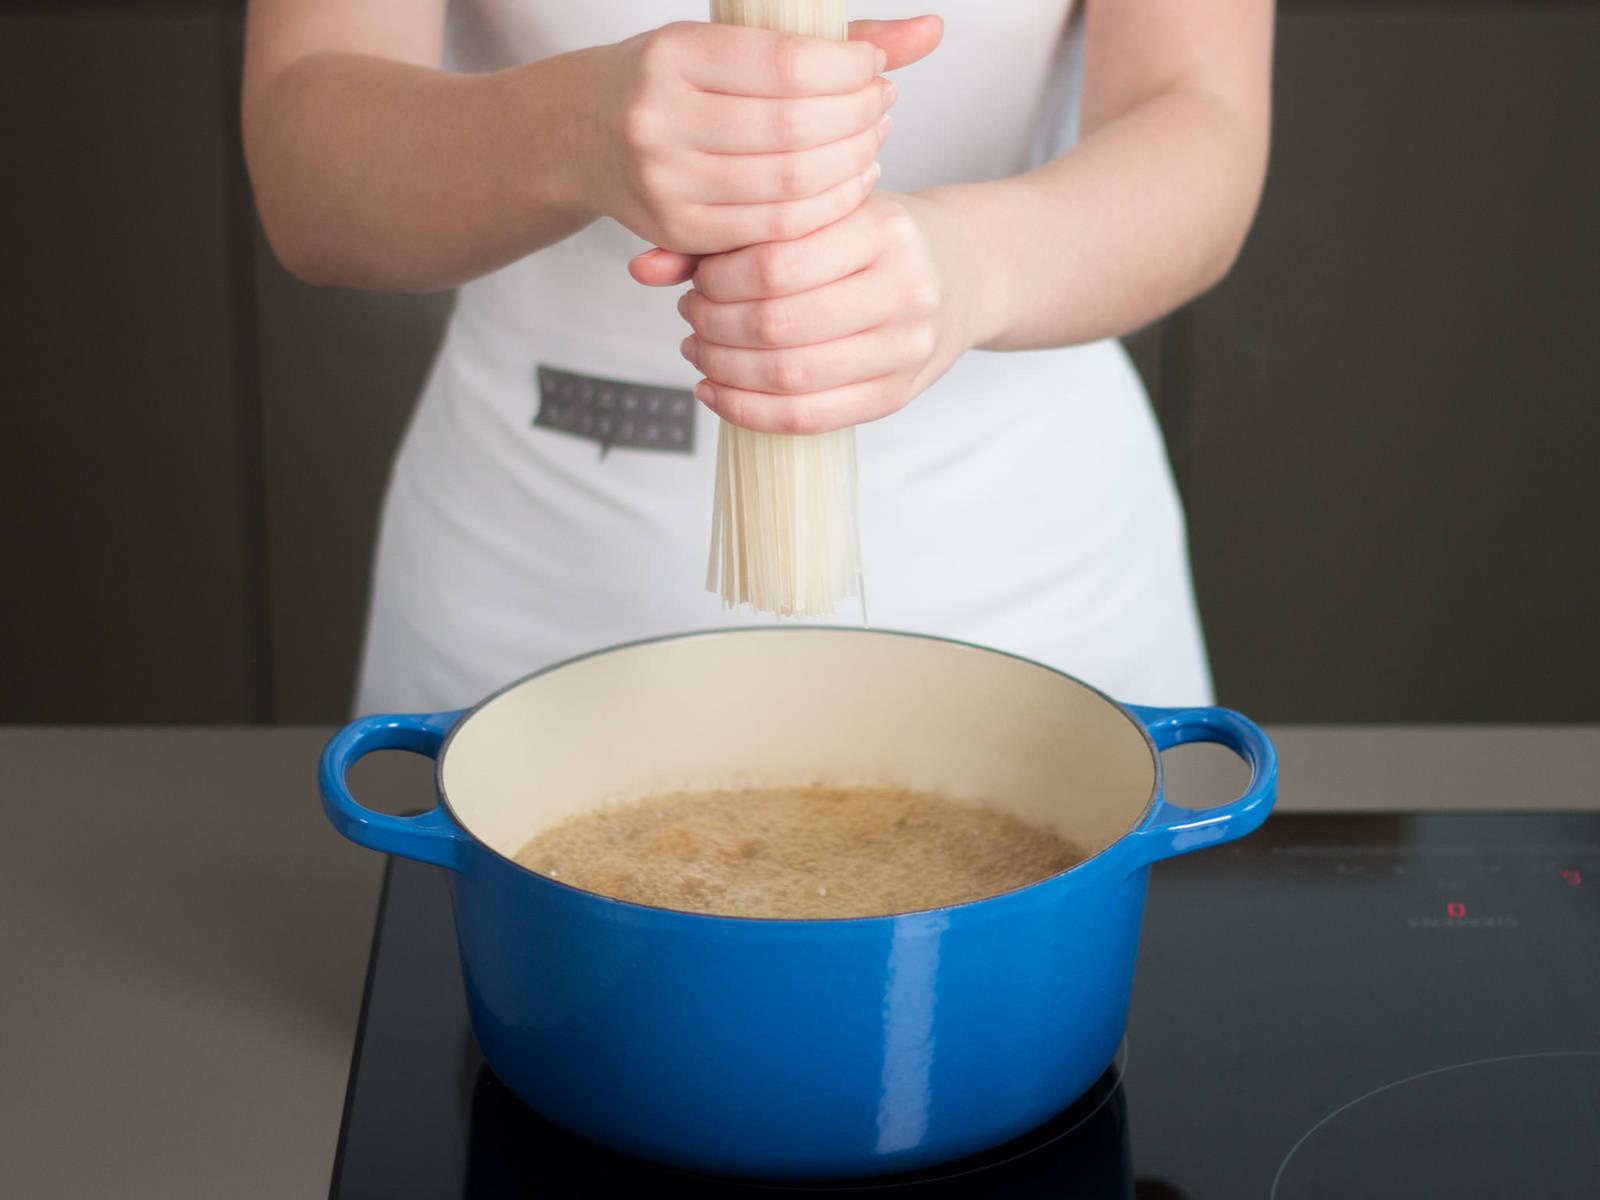 分批将切块的牛肉放入植物油中煸炒。加入牛肉高汤,稀释锅底结块。加入茴香籽,煨25-30分钟。加入河粉、生姜、胡萝卜、辣椒、蒜与鱼露,继续煨5-8分钟,至河粉有嚼劲。